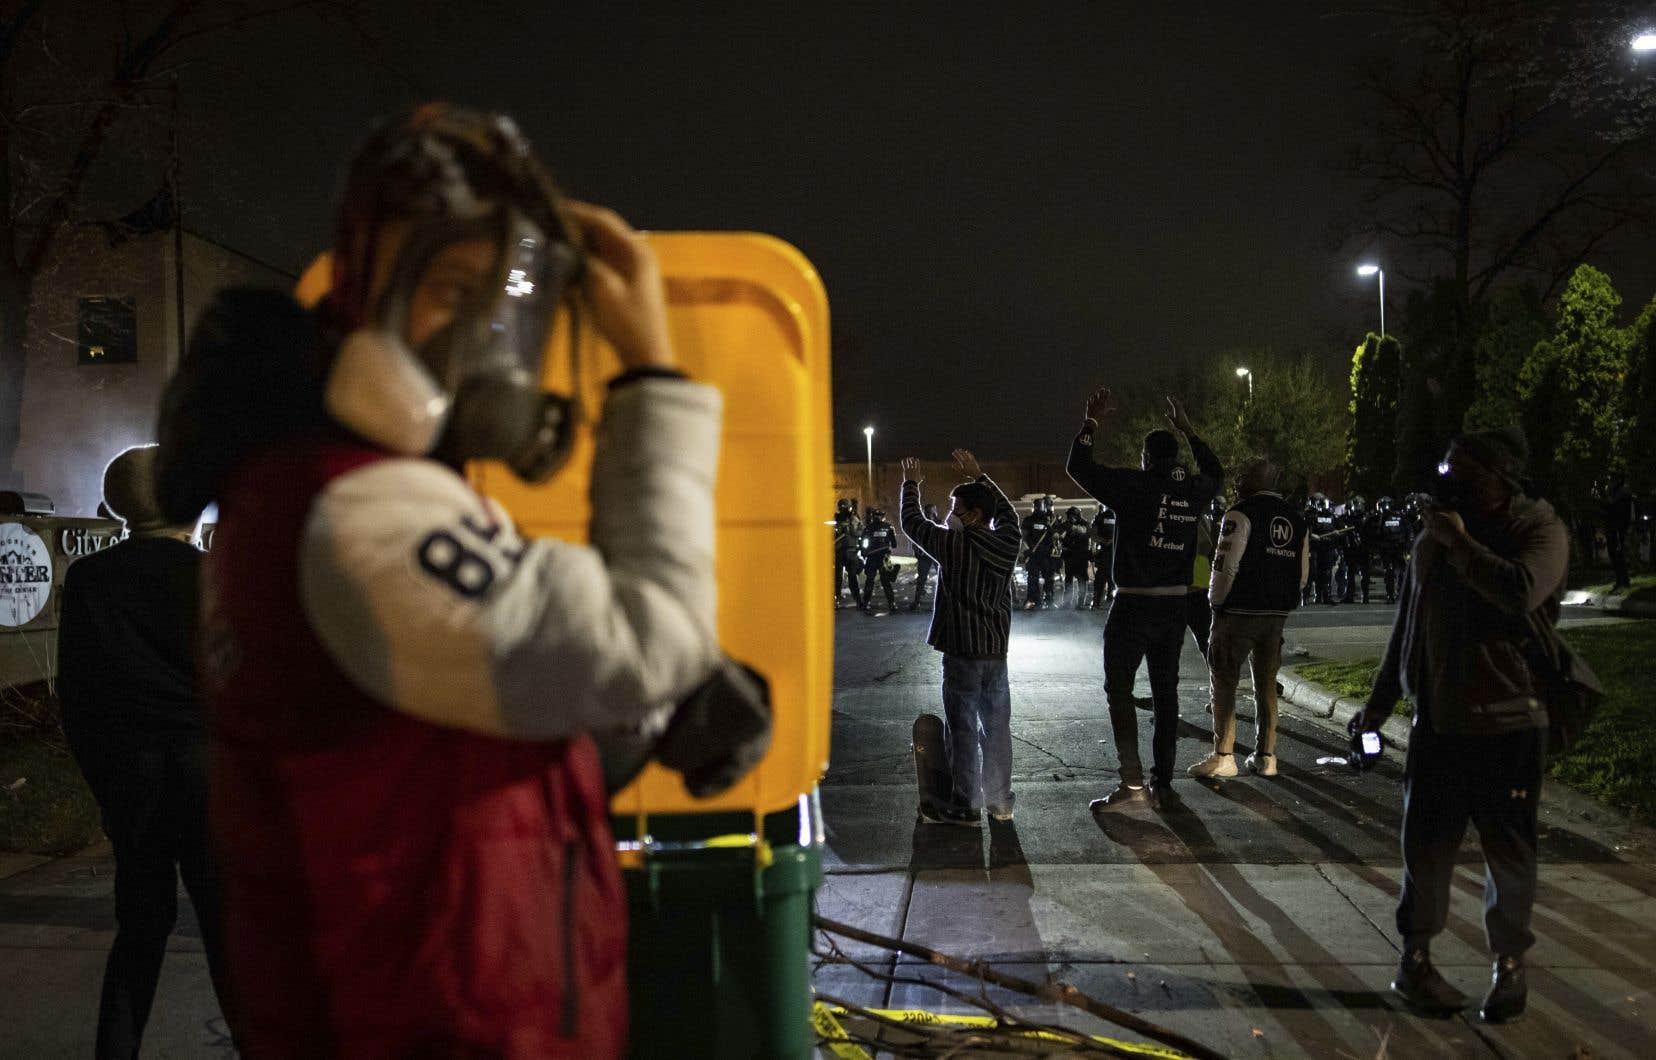 À Brooklyn Center, la police a fait usage de gaz lacrymogènes et grenades assourdissantes pour disperser la foule qui s'était rassemblée devant le poste de police.